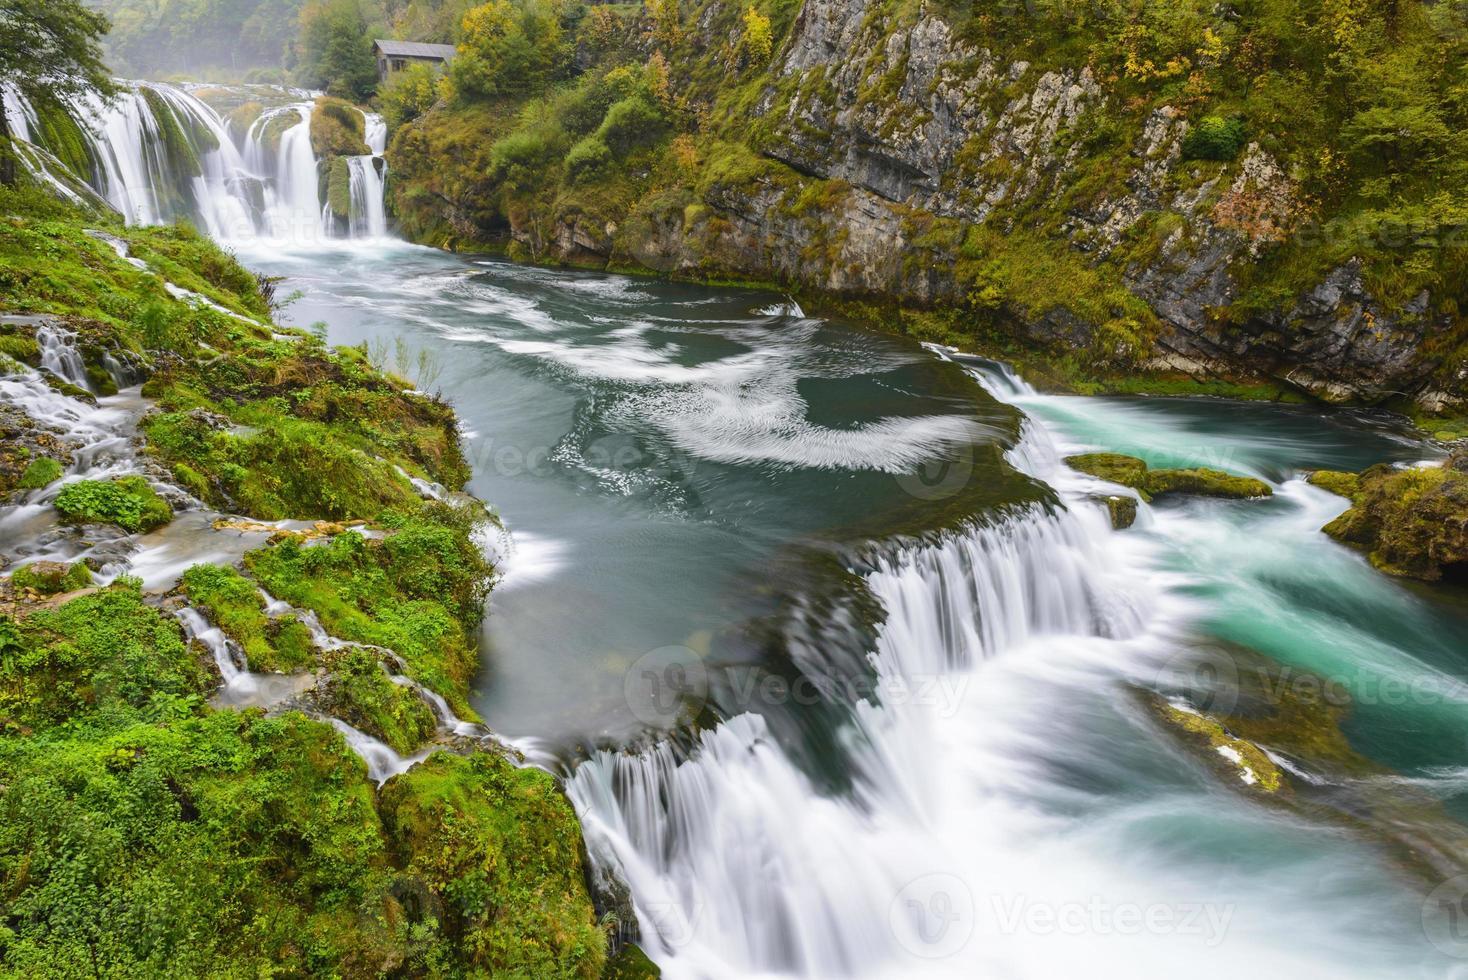 cachoeira de strbacki buk no rio una, bósnia e herzegovina foto